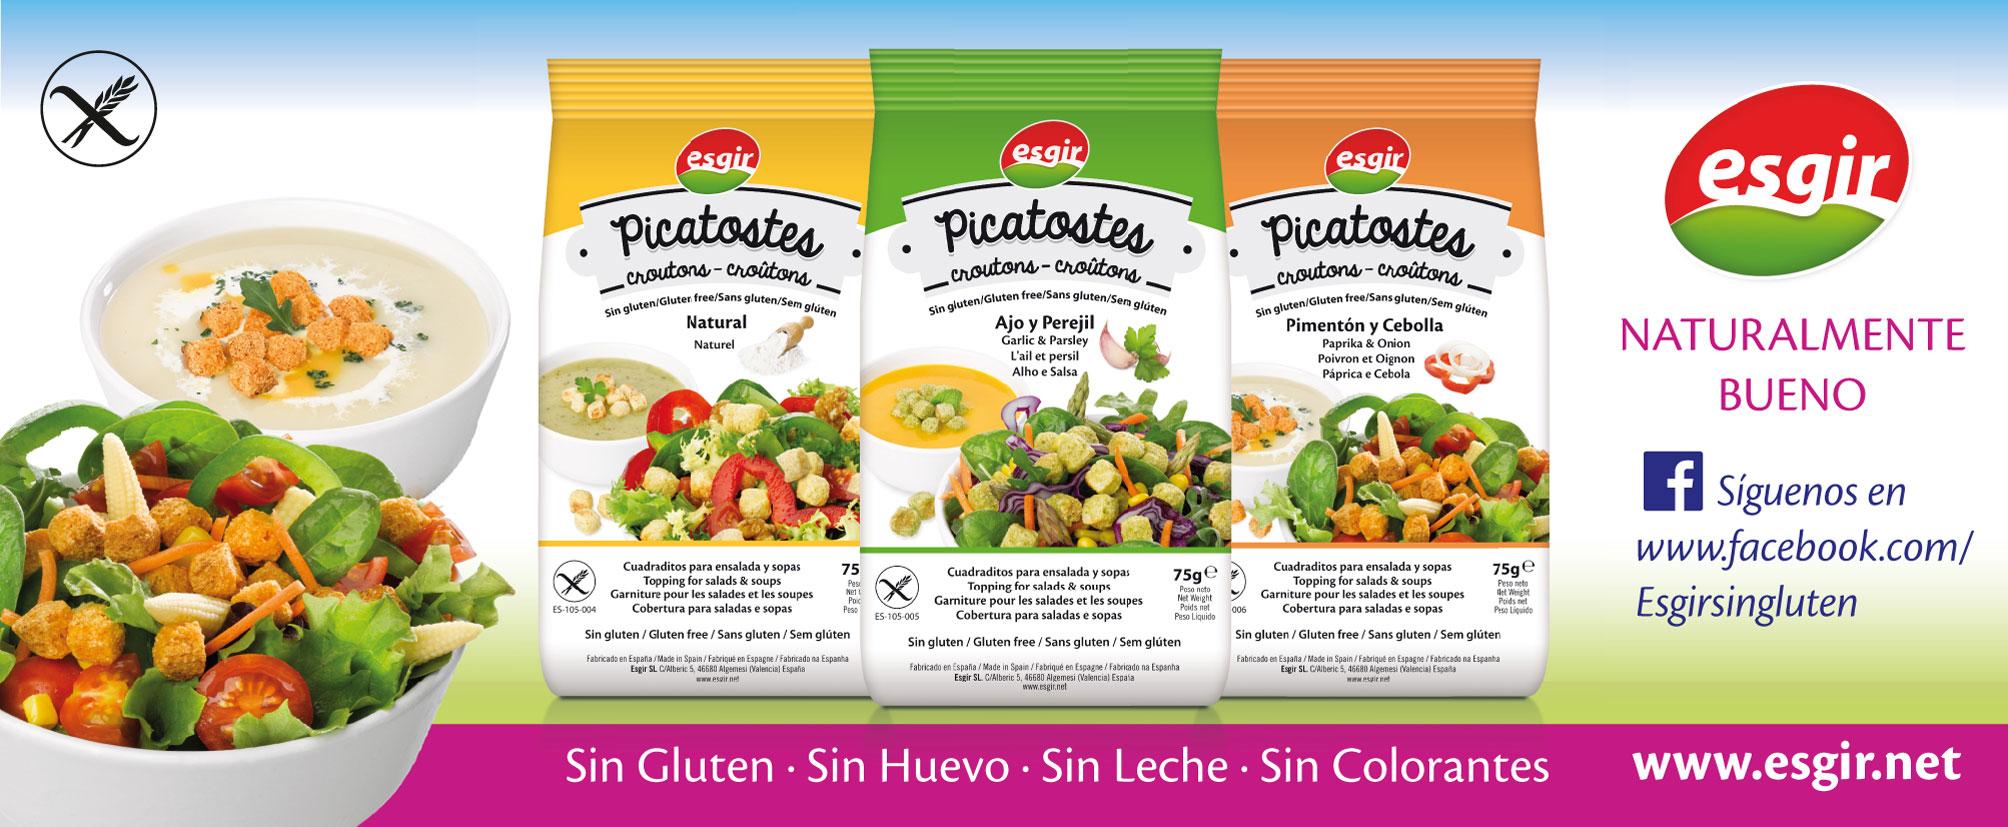 Bunner picatostes esgir cereales for Cocinar quinoa hinchada